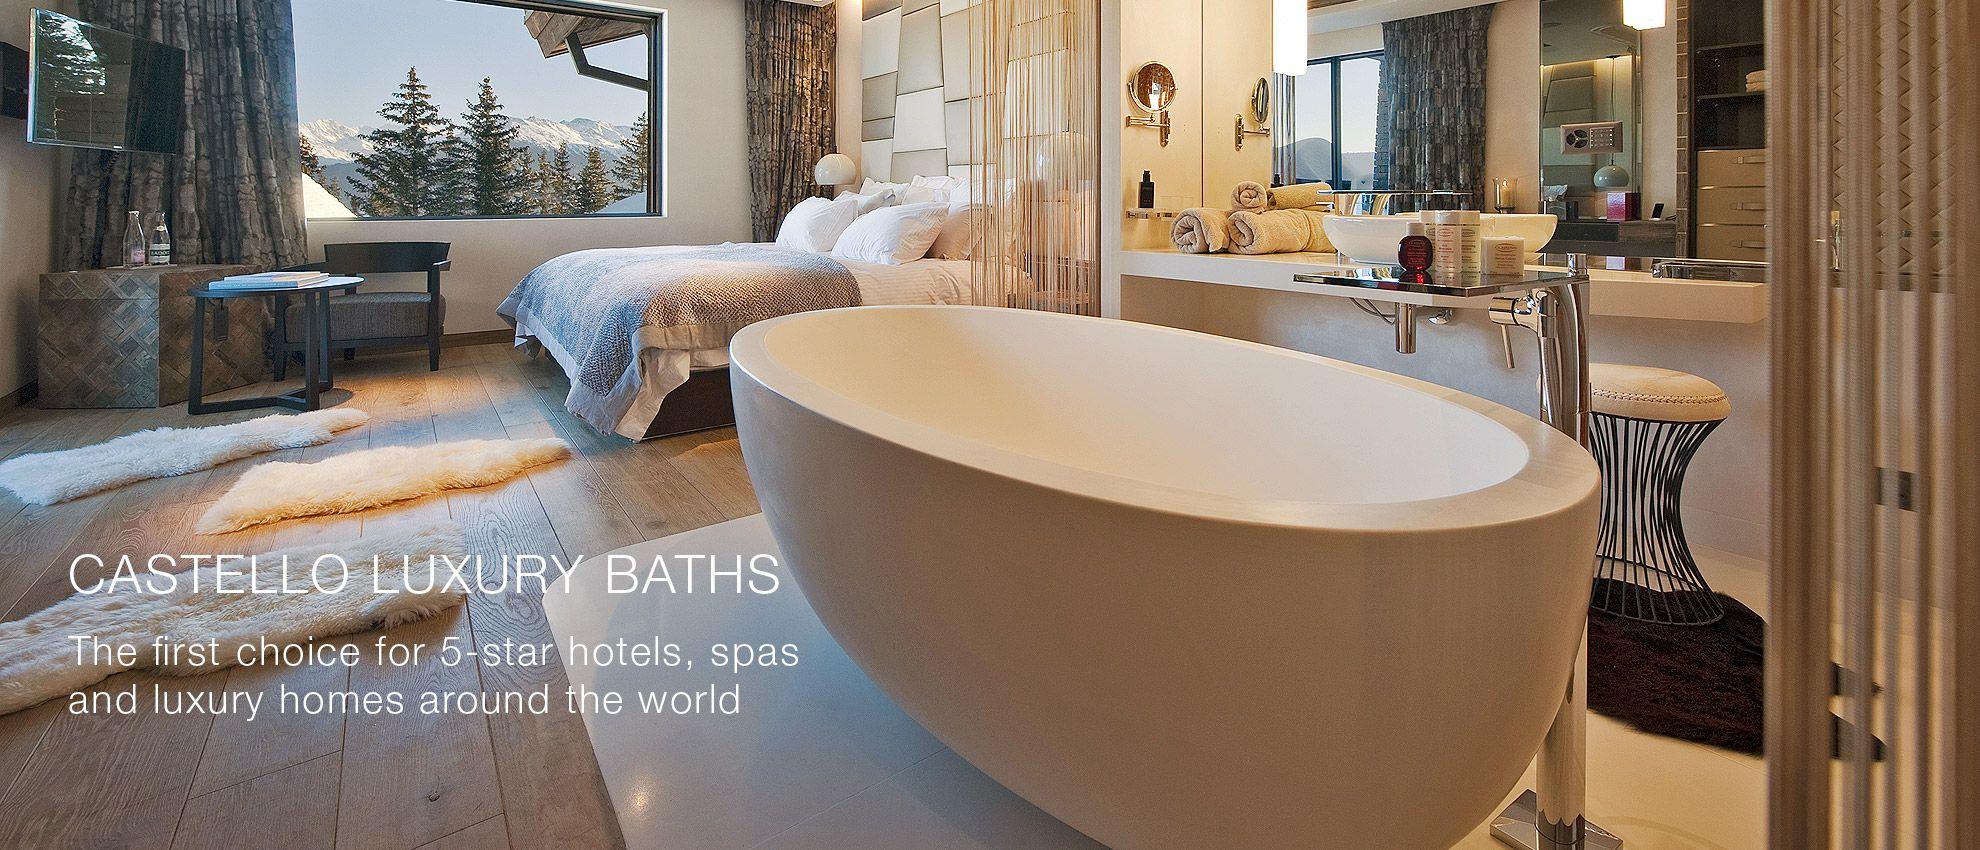 Luxury Freestanding Baths From Castello